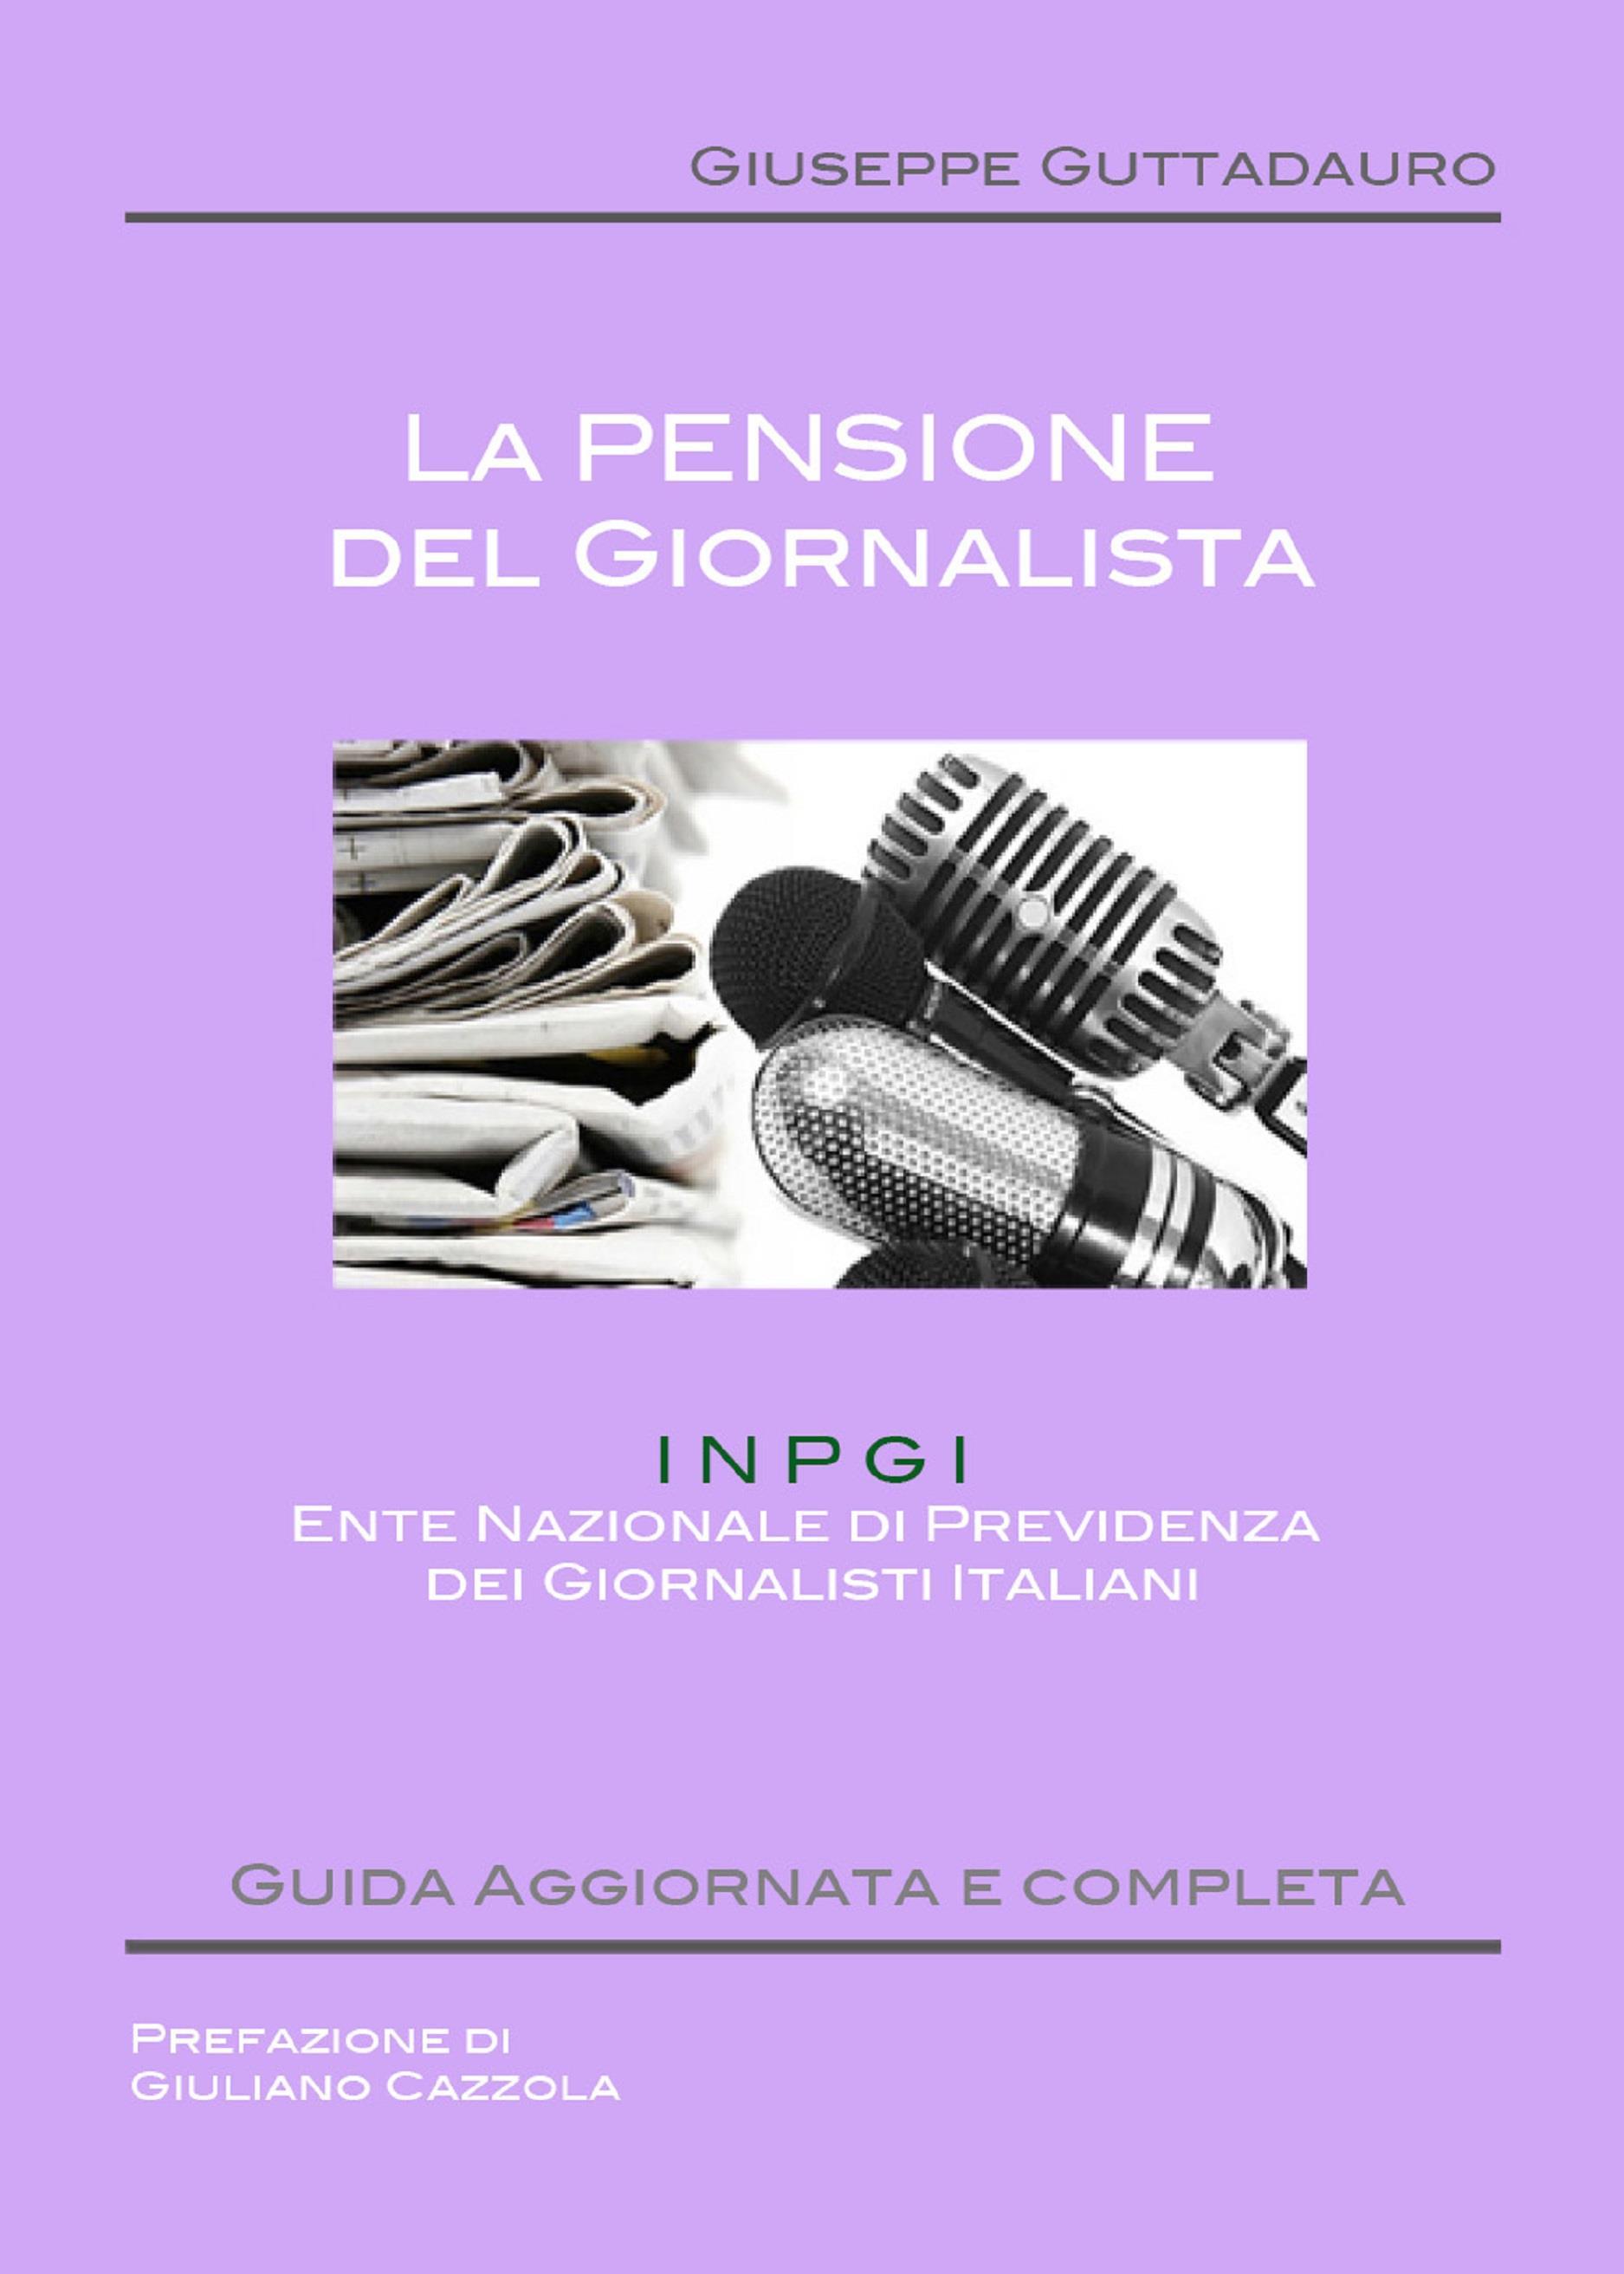 La Pensione del Giornalista